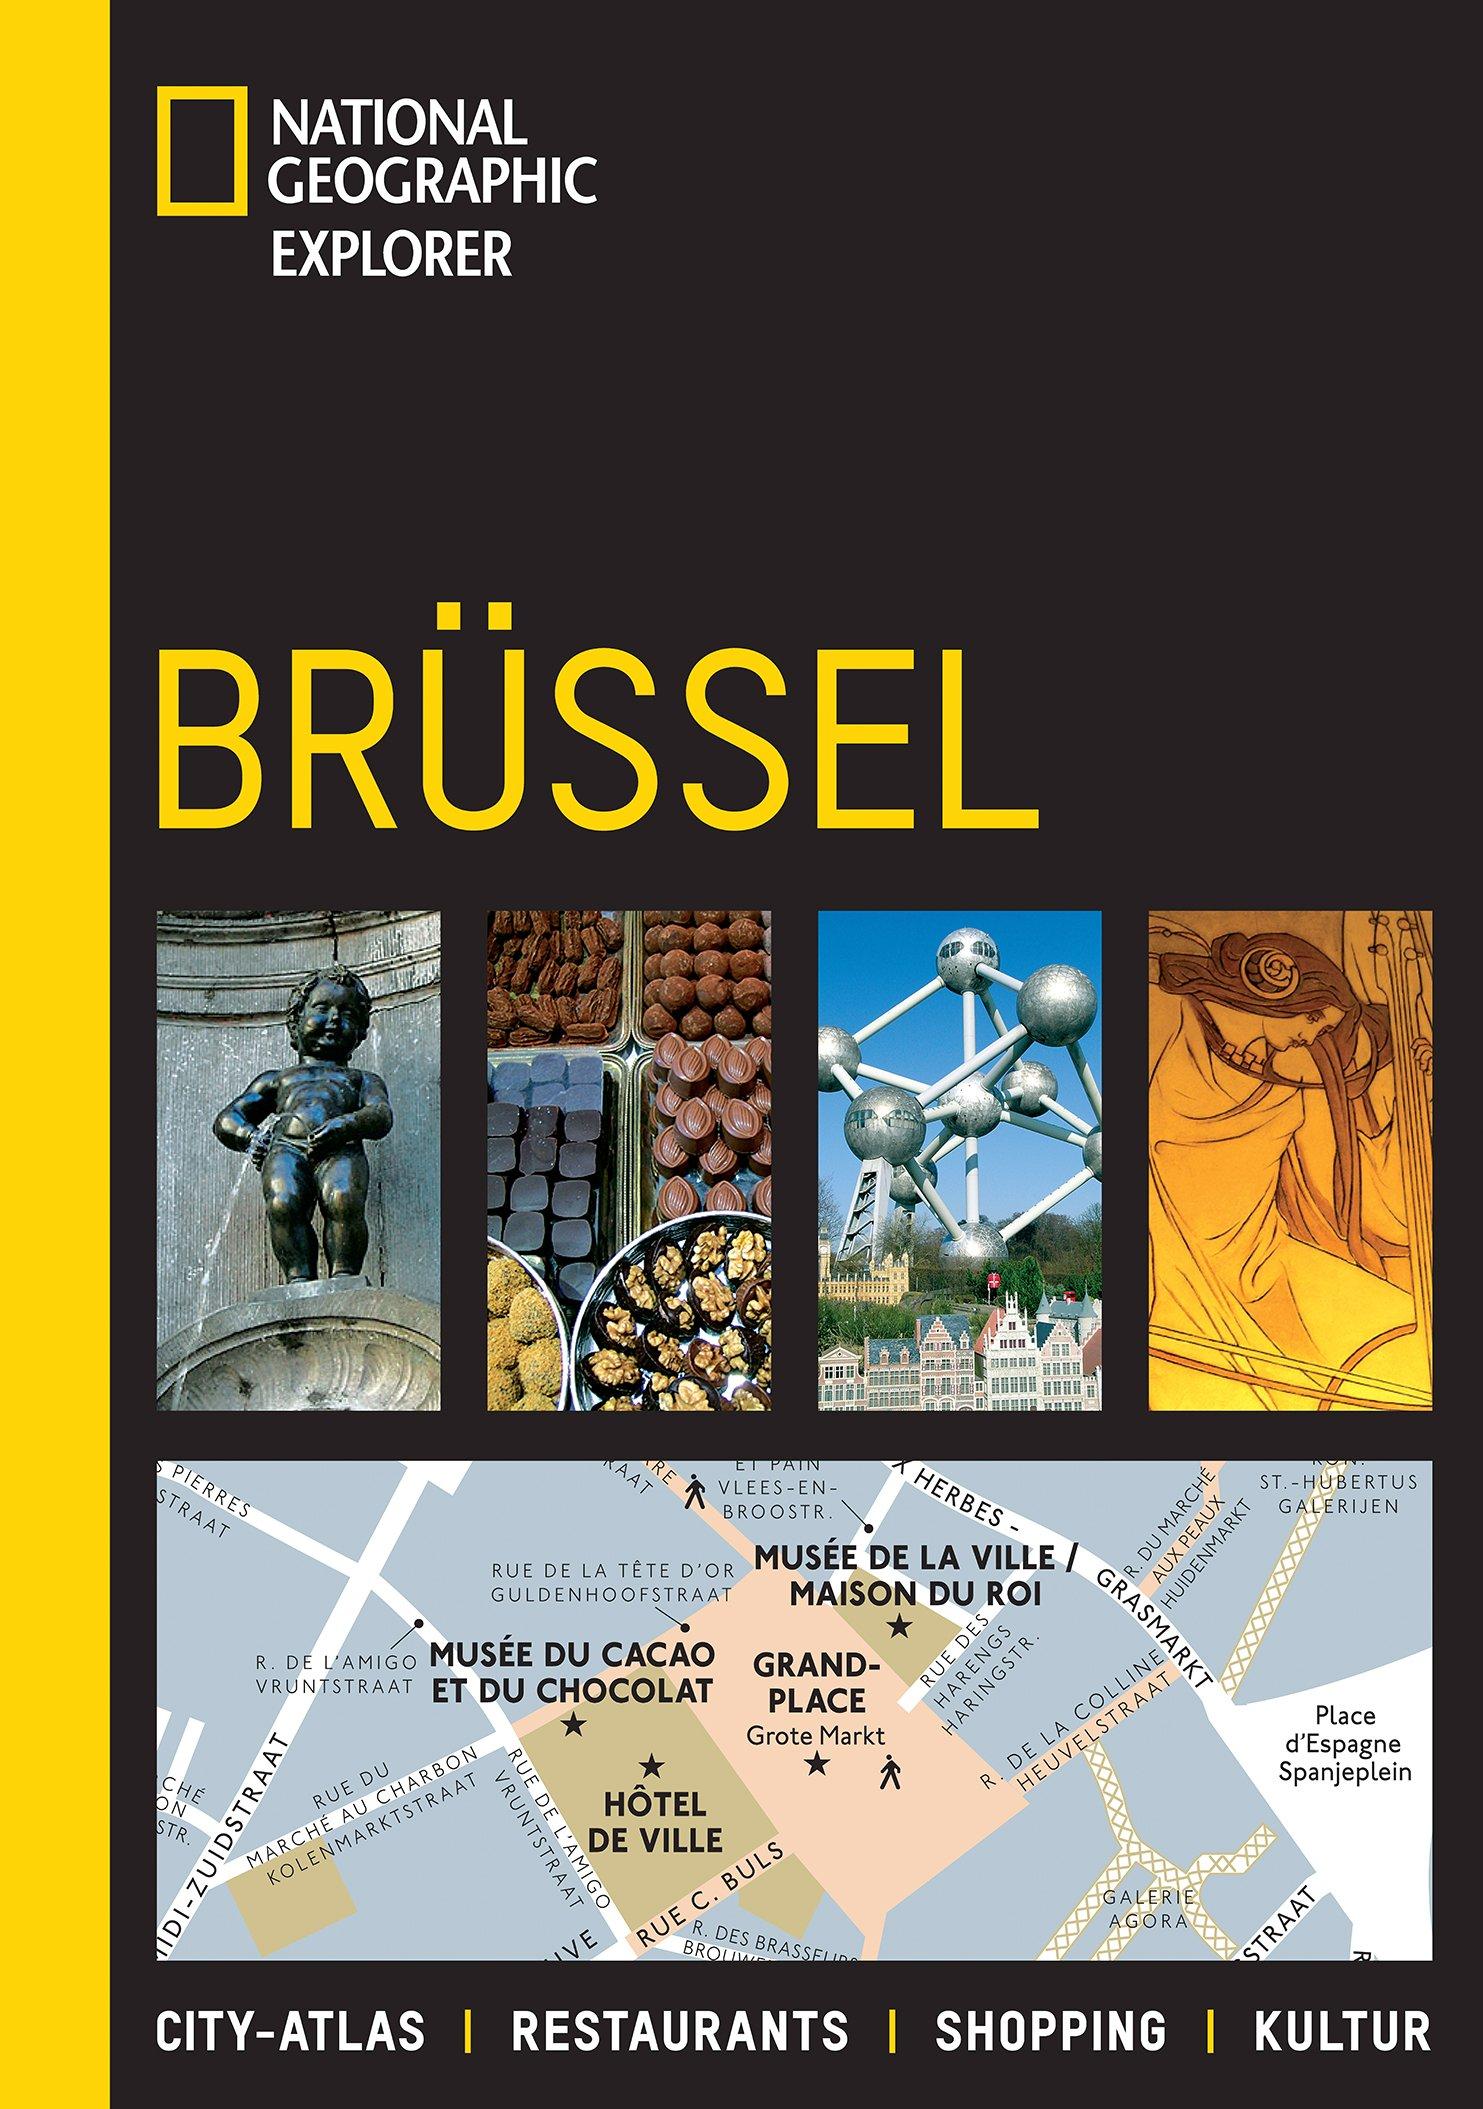 National Geographic Explorer Brüssel Taschenbuch – 1. Februar 2011 3866902034 NU-LBR-00885357 Europa physisch